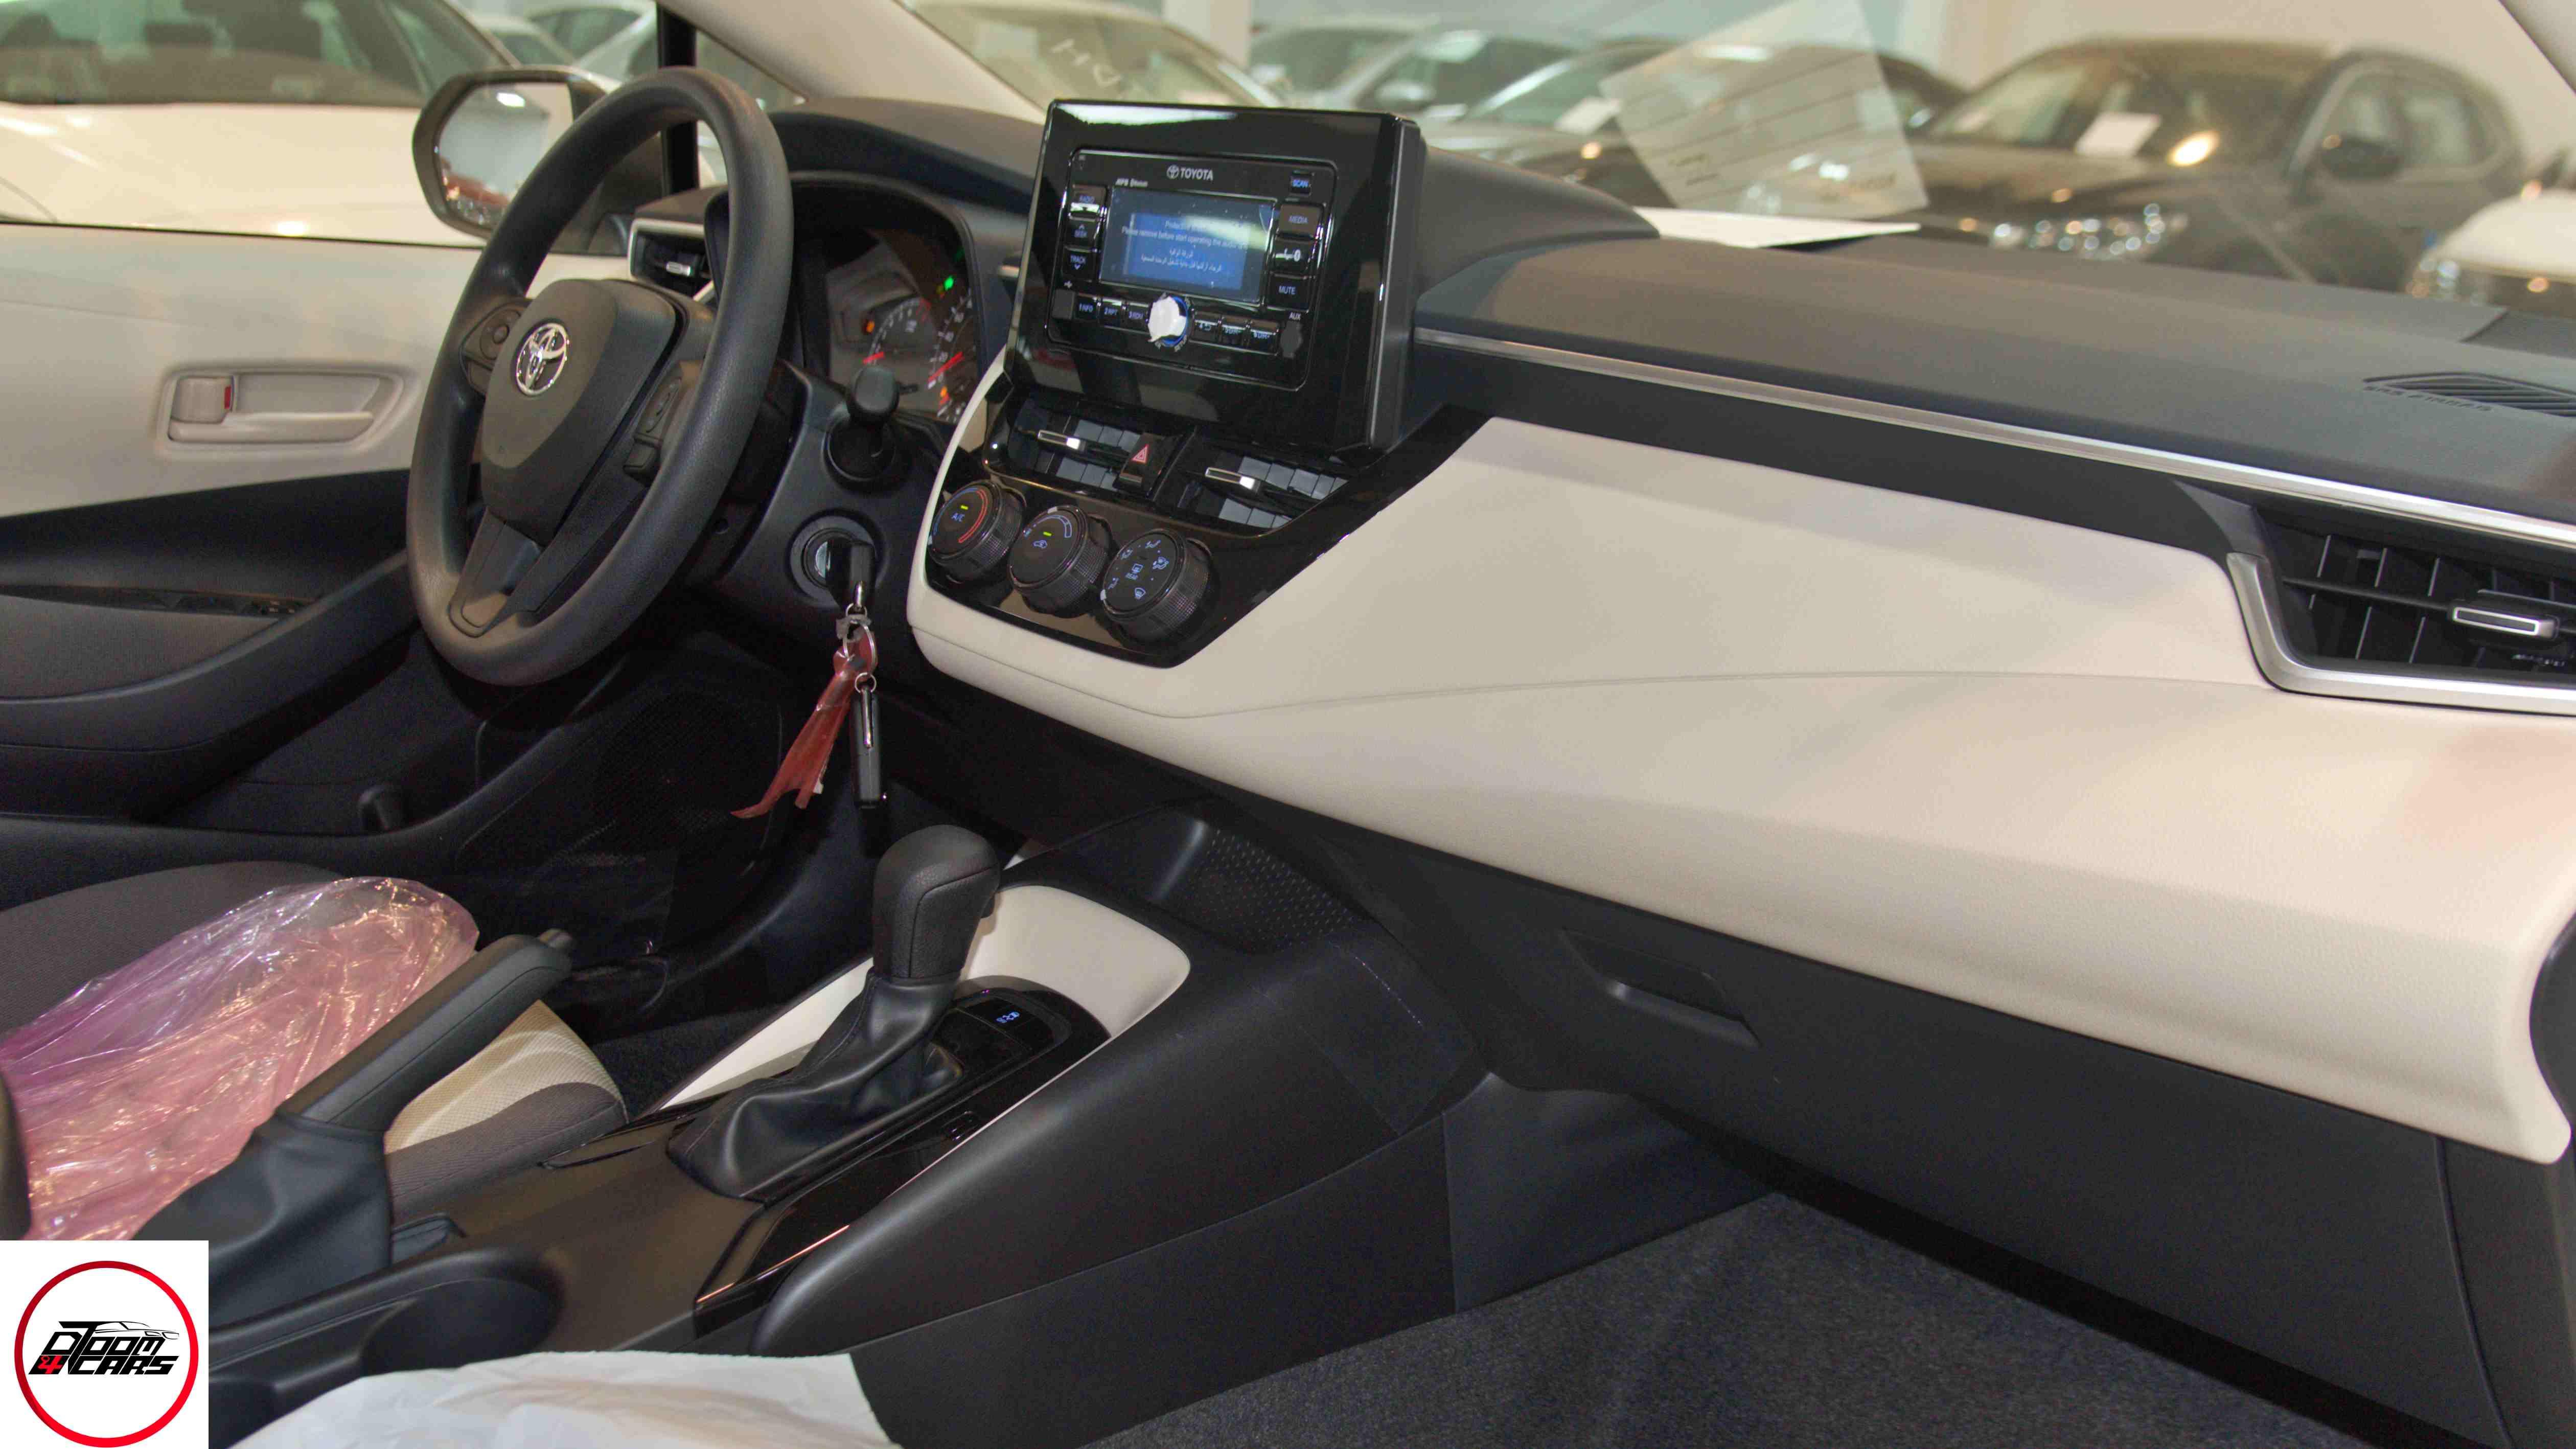 تويوتا كورولا 2021 XLi ستاندر طيس  سعودي  للبيع في الرياض - السعودية - صورة كبيرة - 8